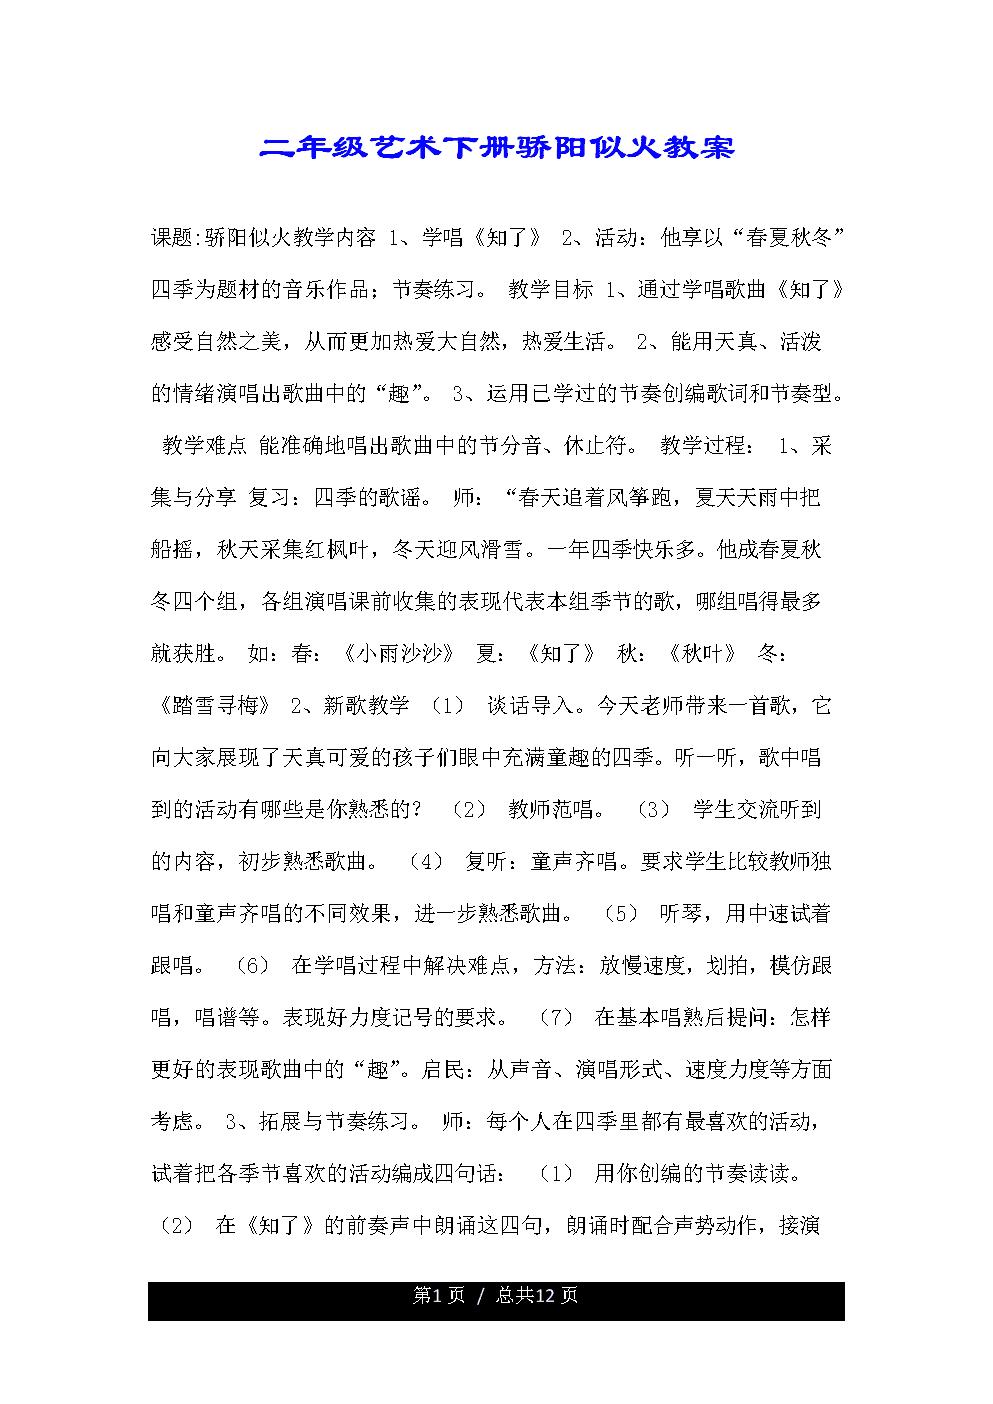 二年级艺术下册骄阳似火教案.doc